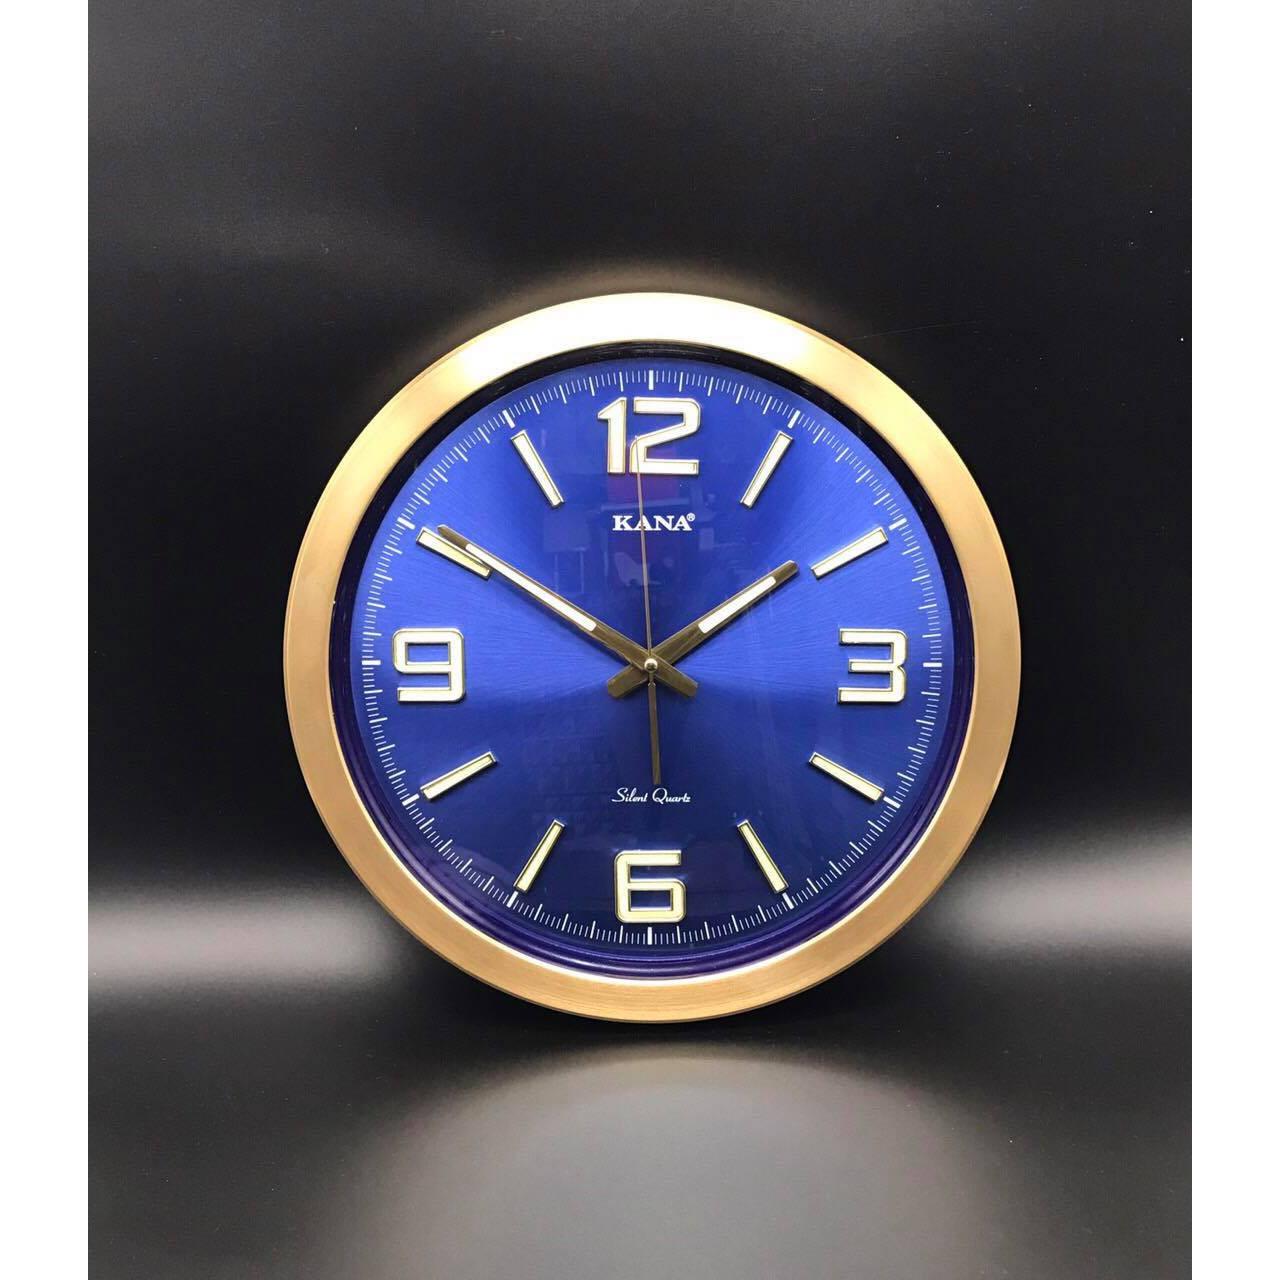 Đồng hồ treo tường KN-S45x (xanh dạ quang)